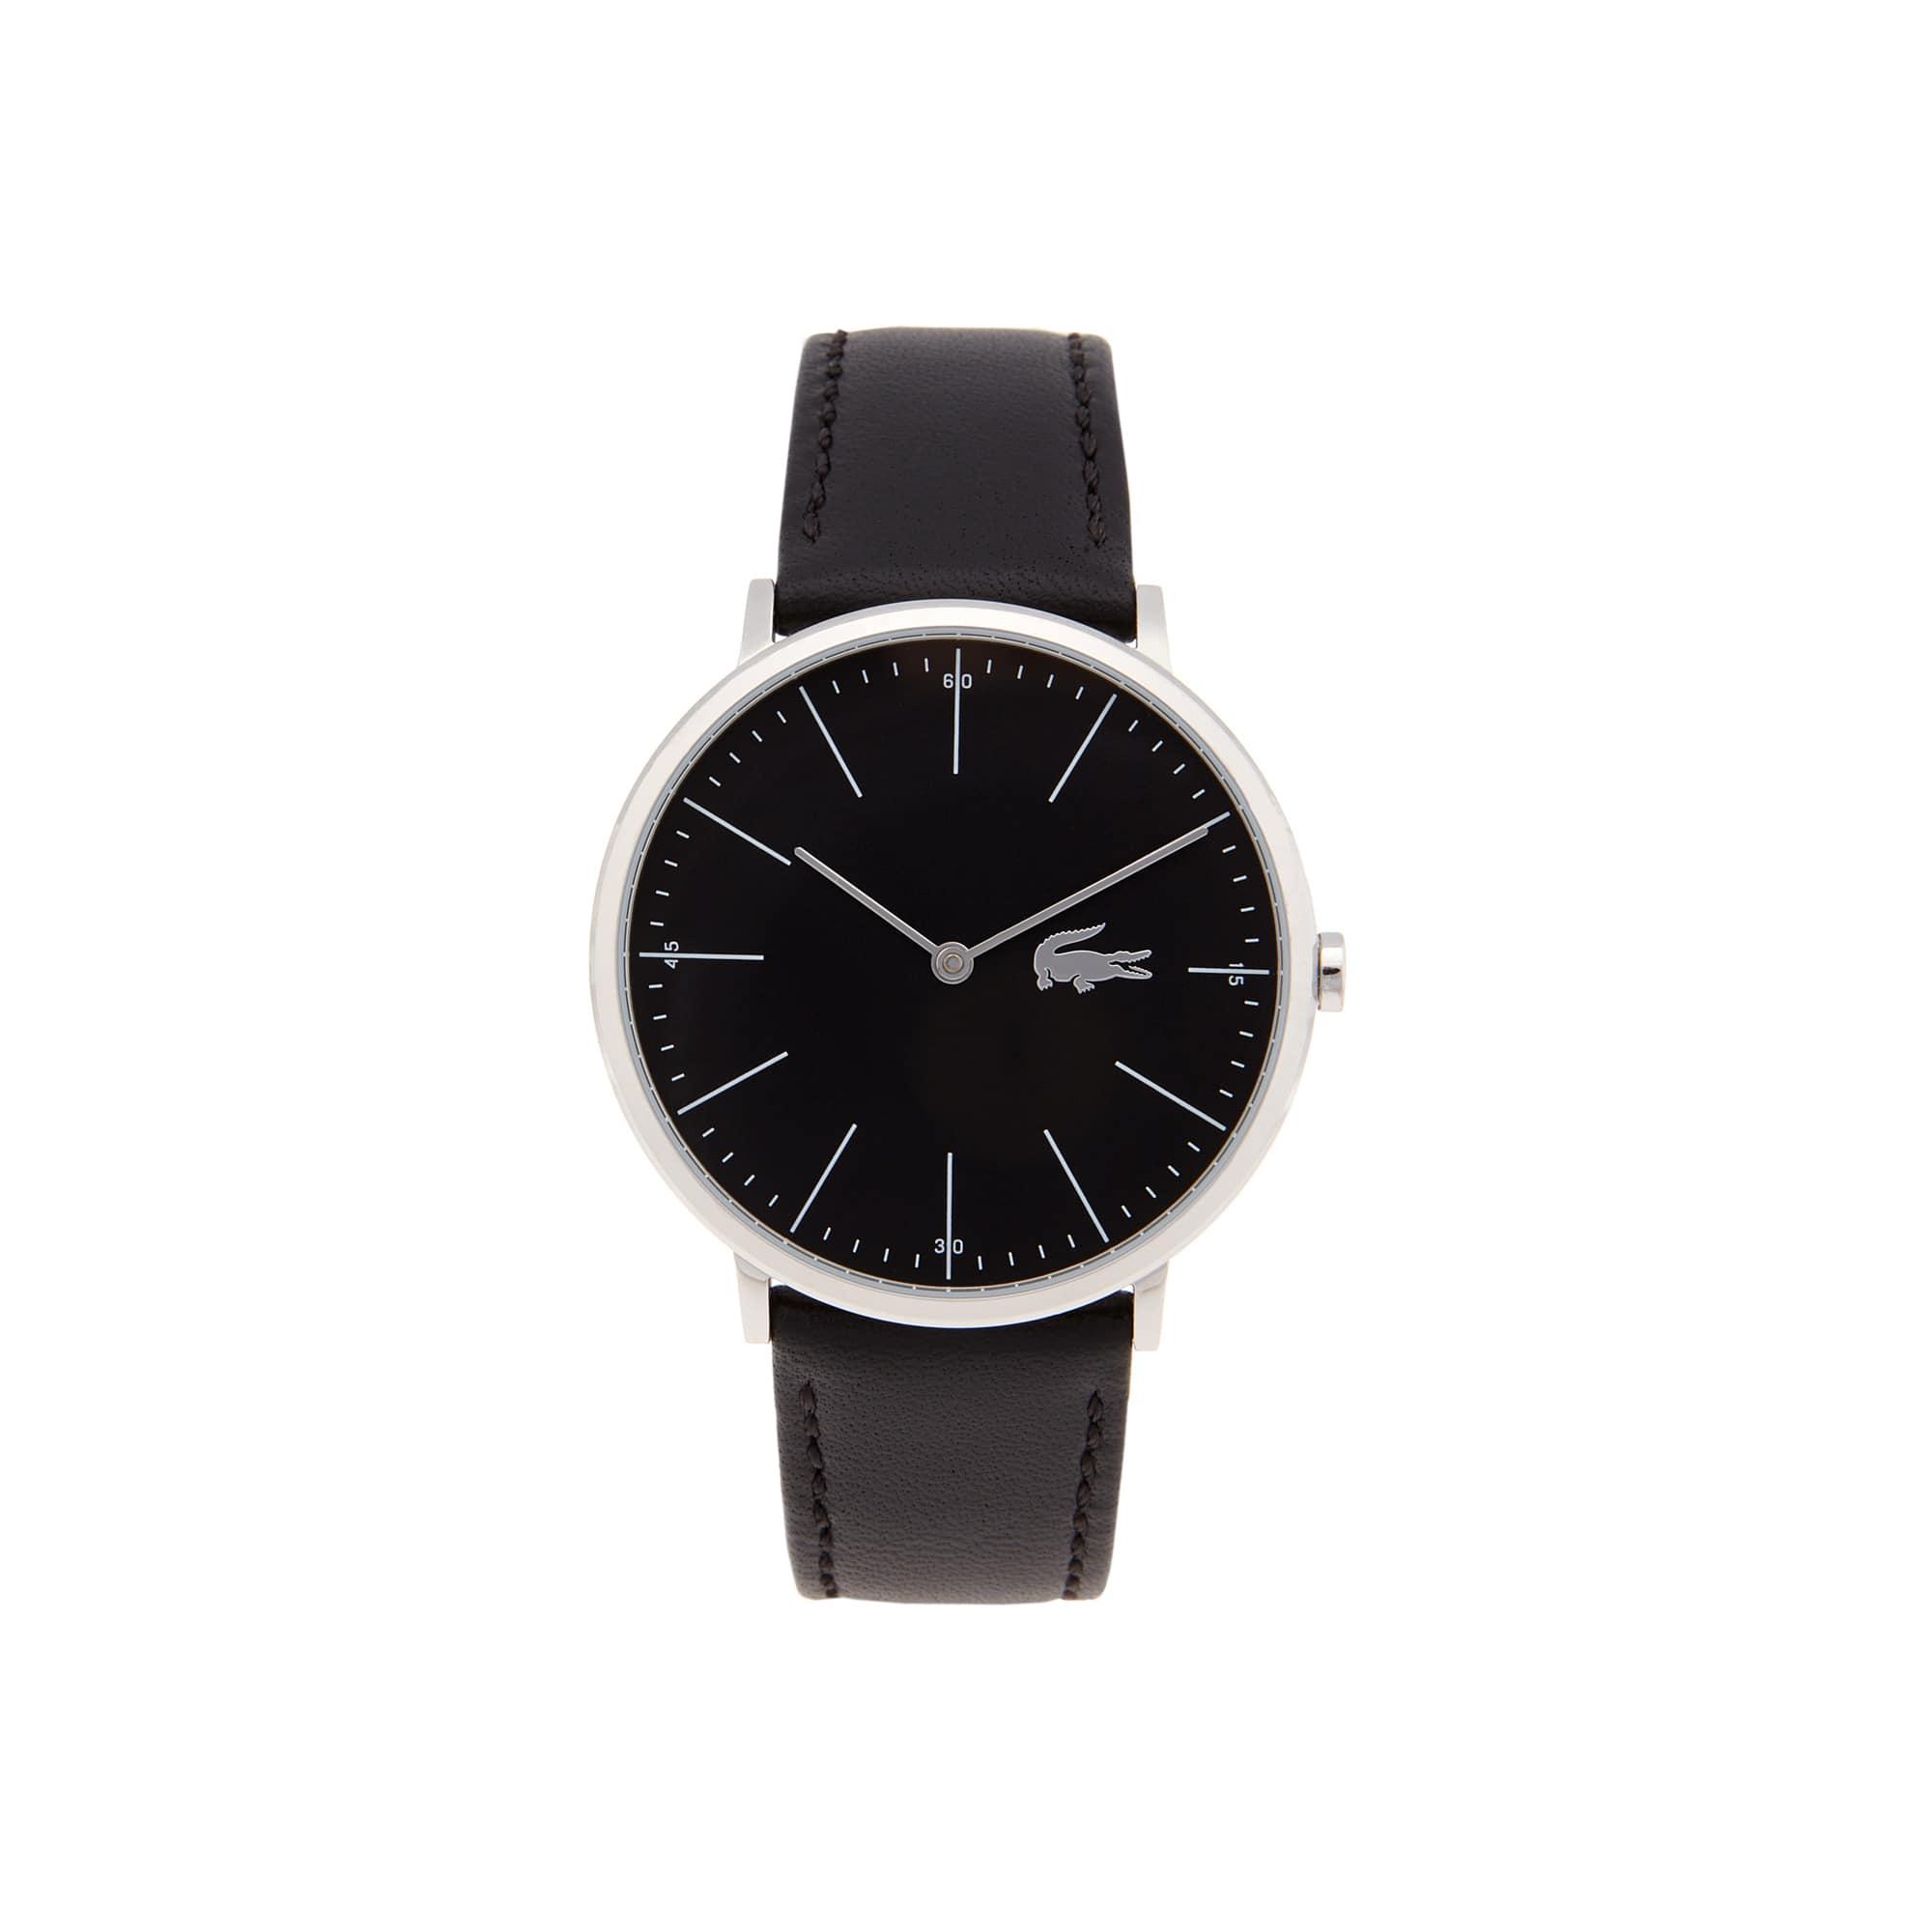 Relógio ultra slim Moon de homem com bracelete de pele preta